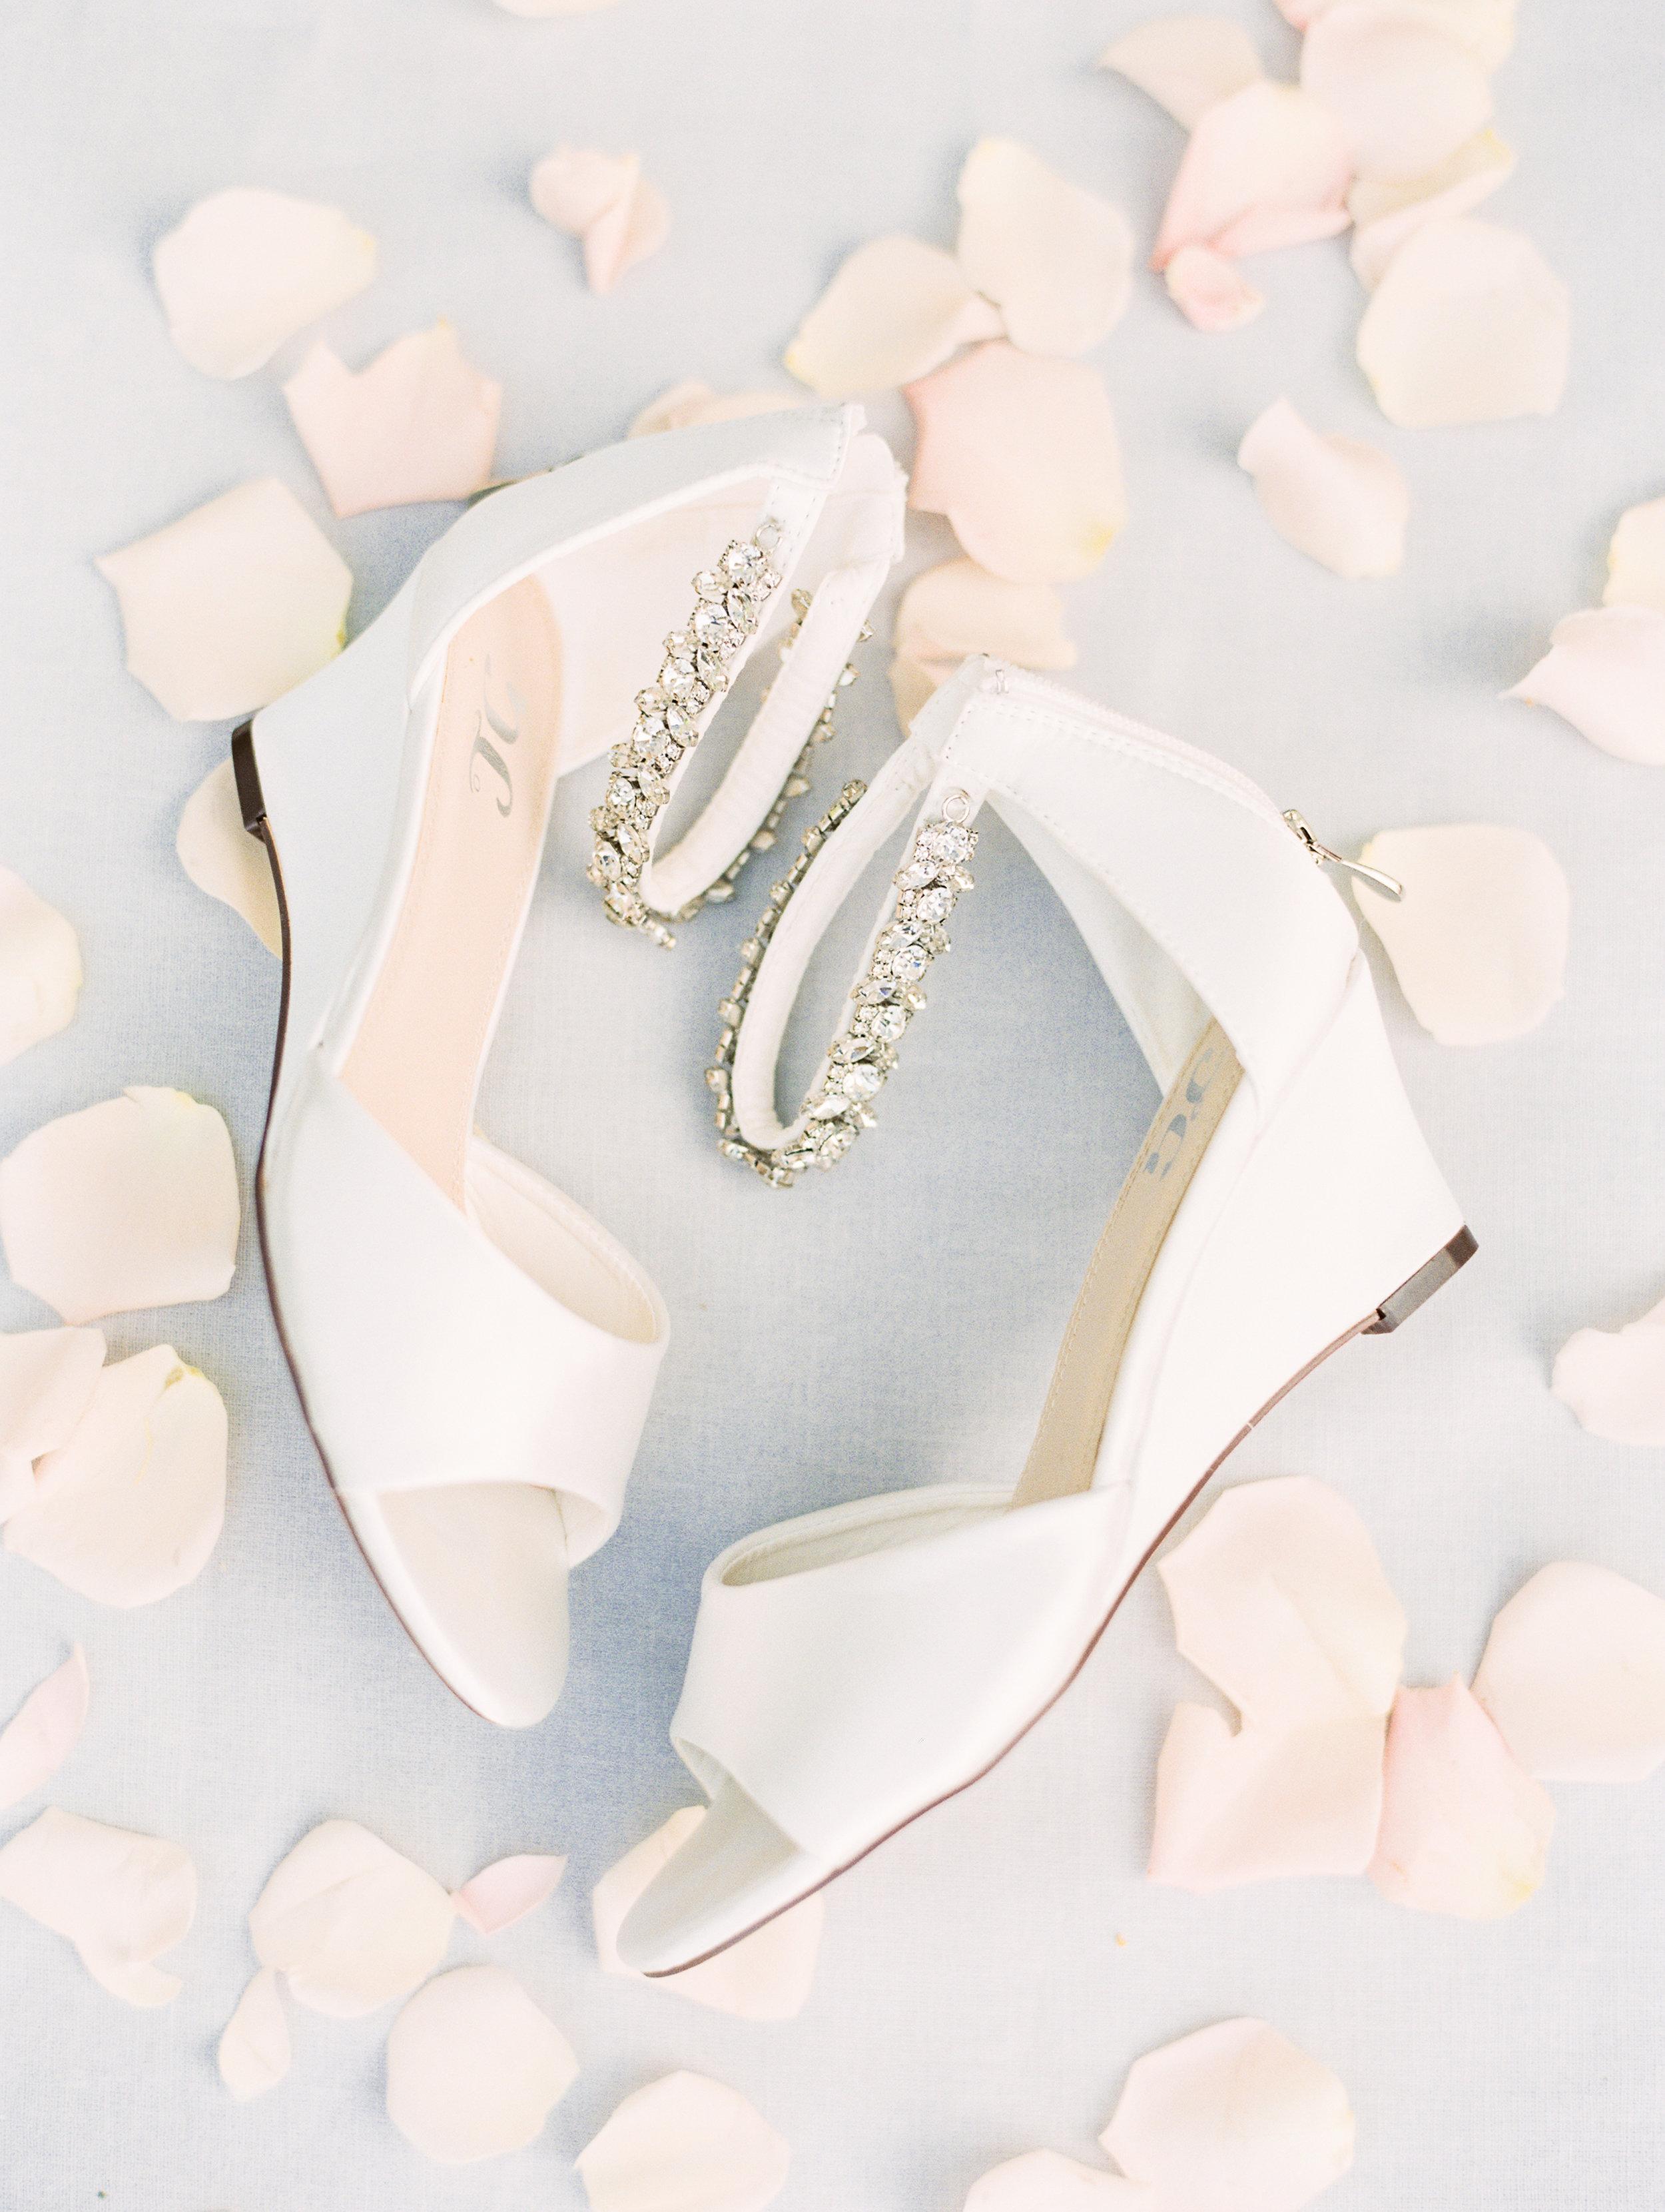 Cupp+Wedding+Detailsf-6.jpg